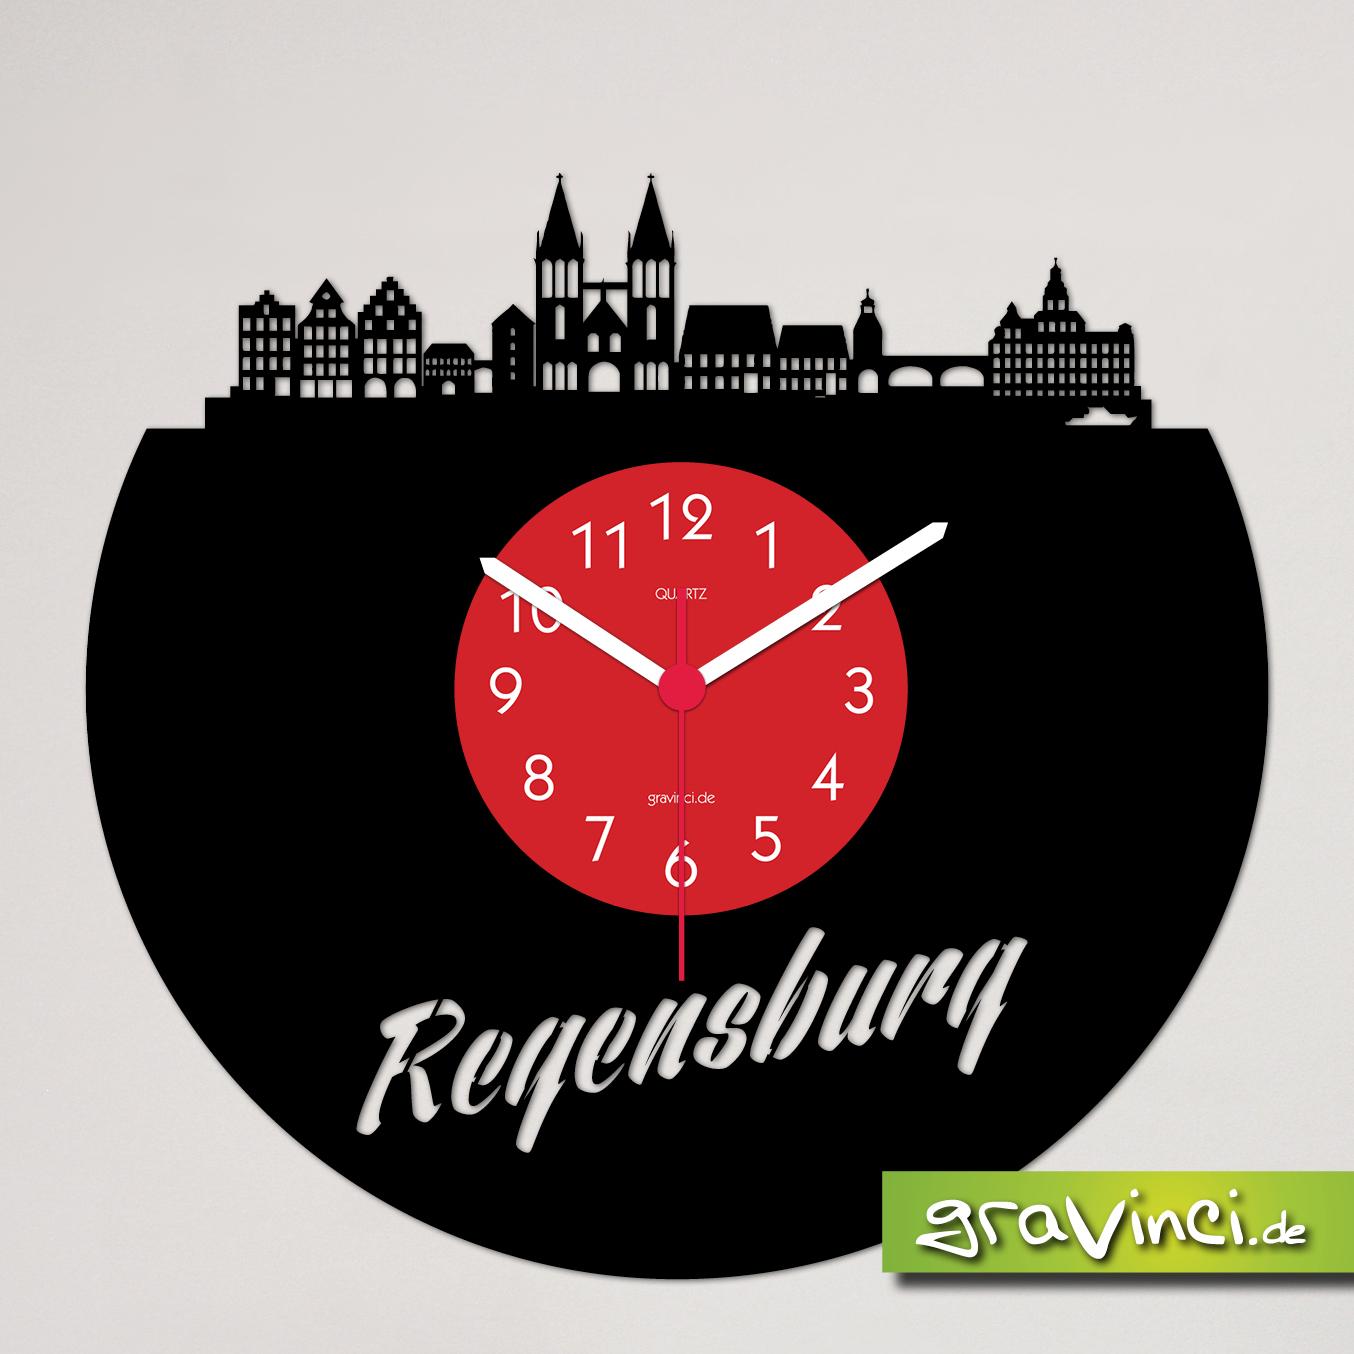 Schallplatten Regensburg